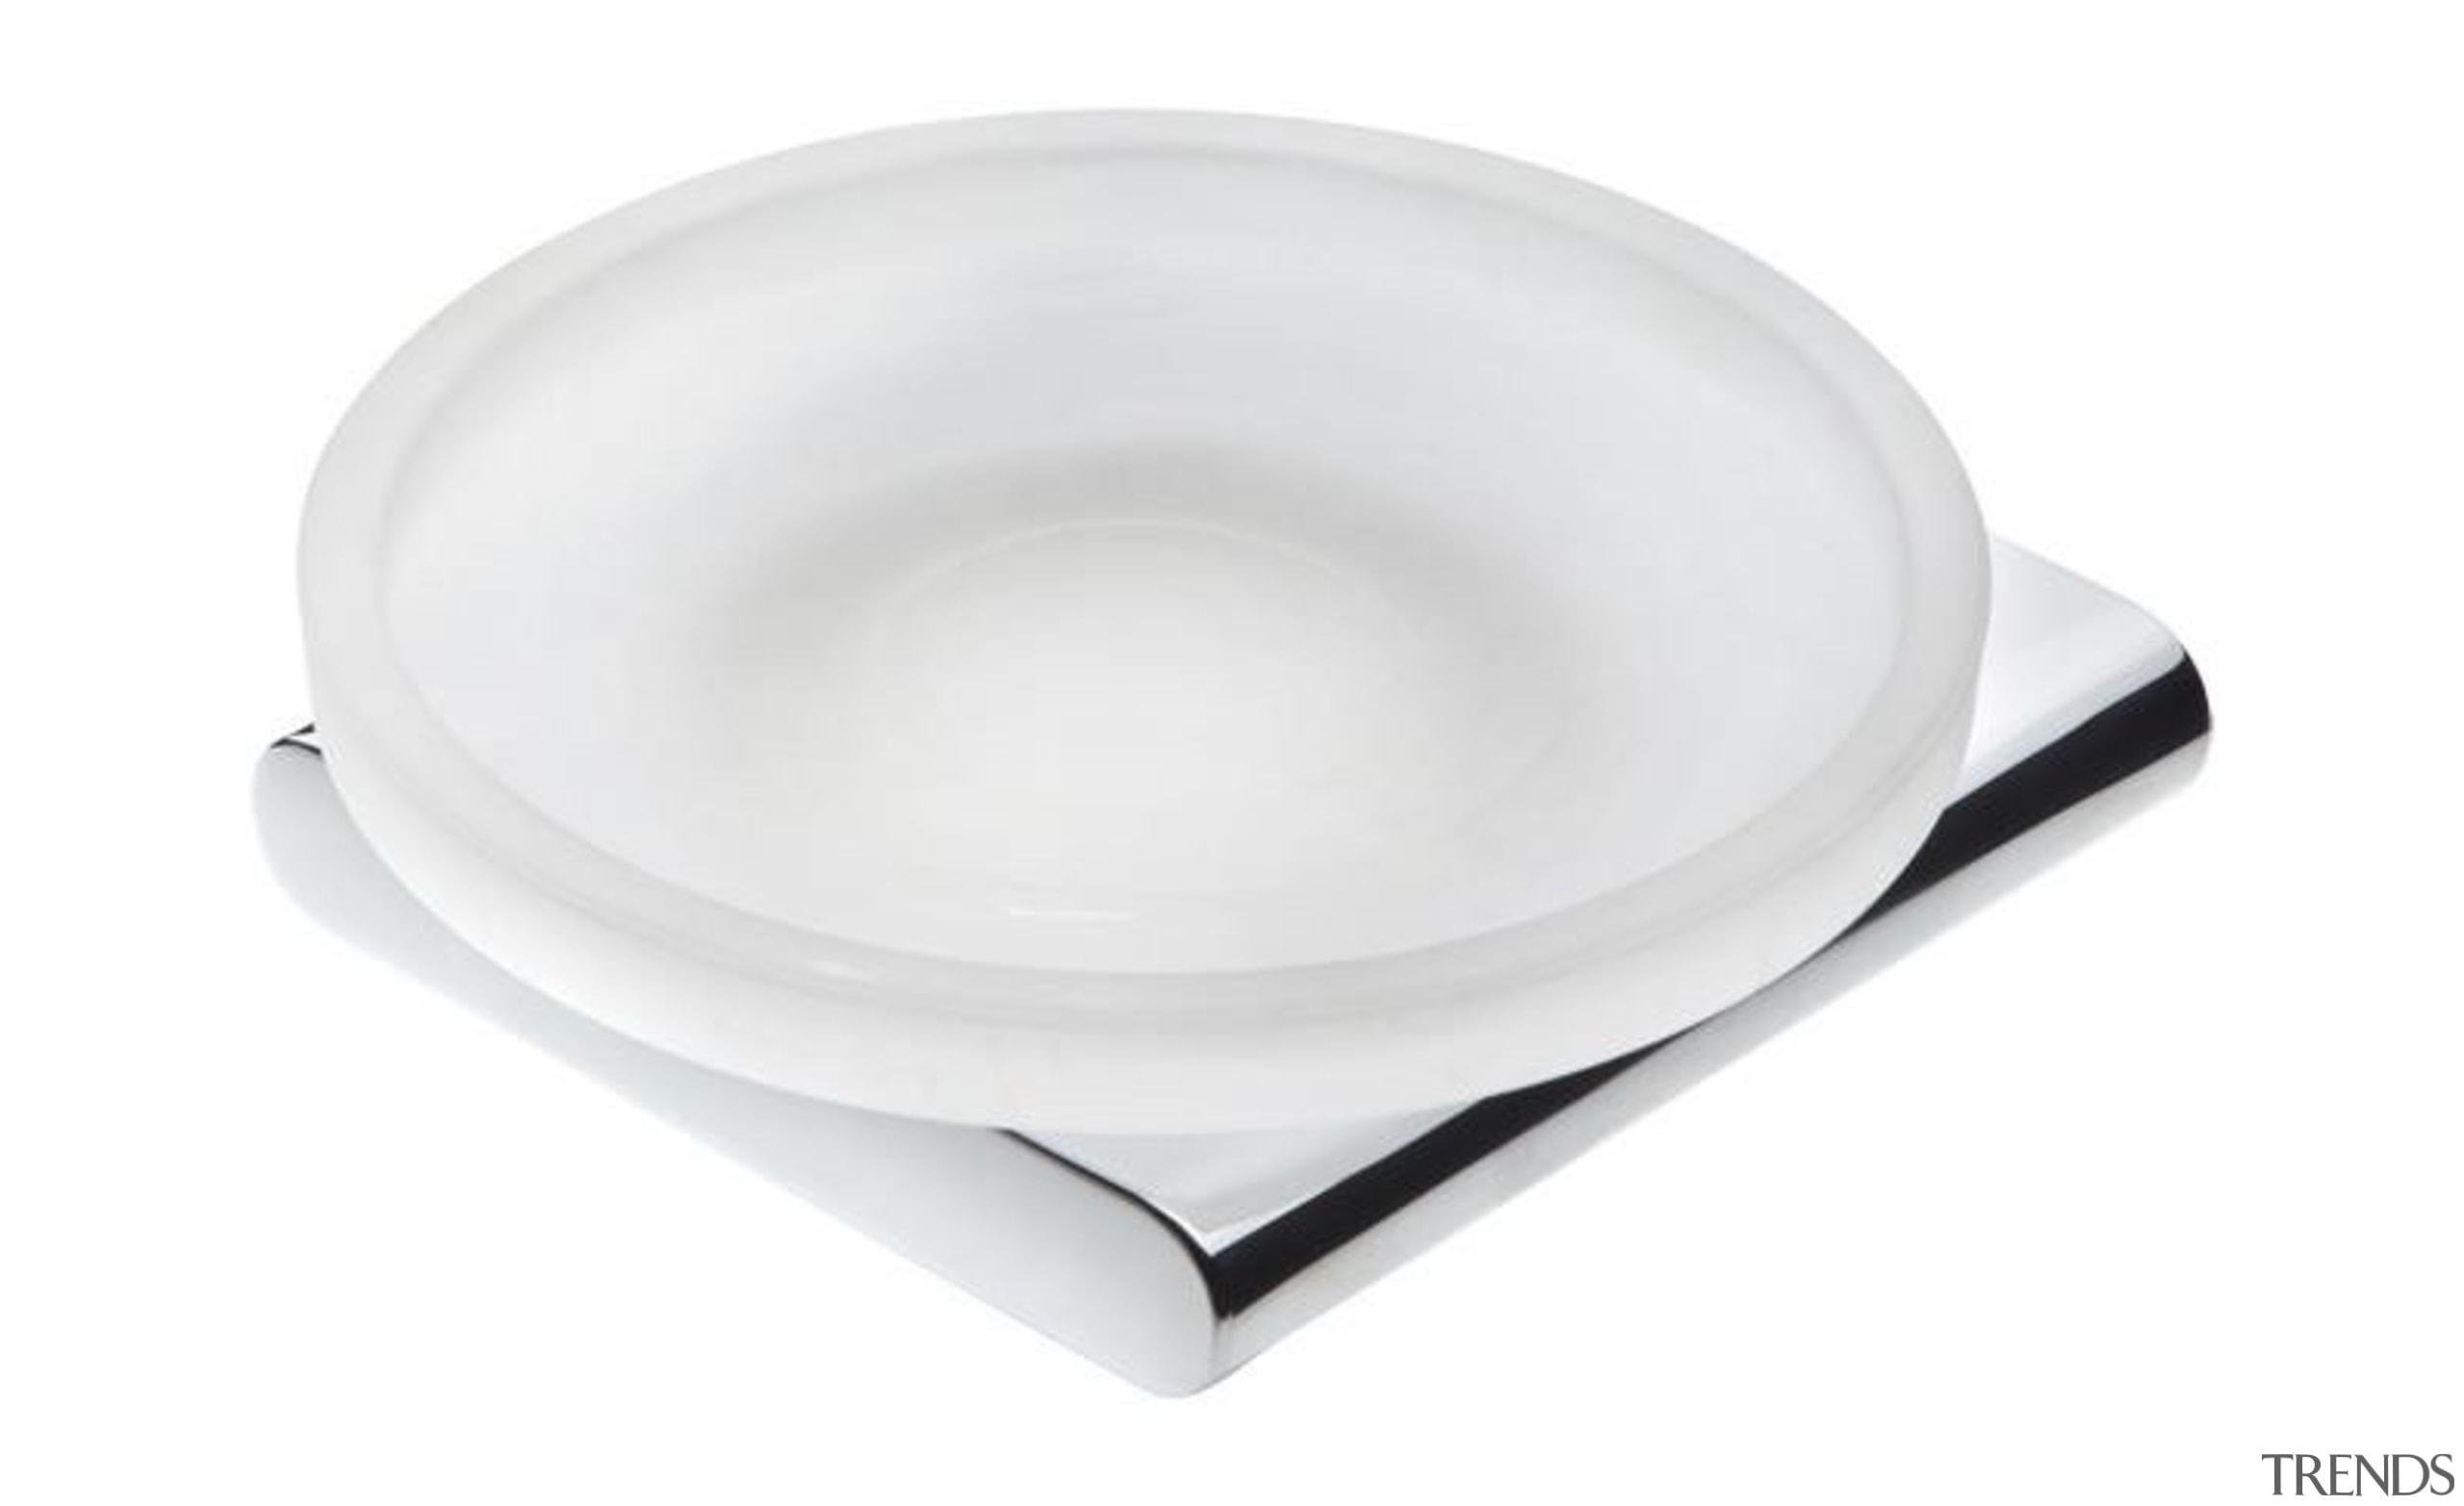 lsd resi.jpg - lsd_resi.jpg - product design   product design, tableware, white